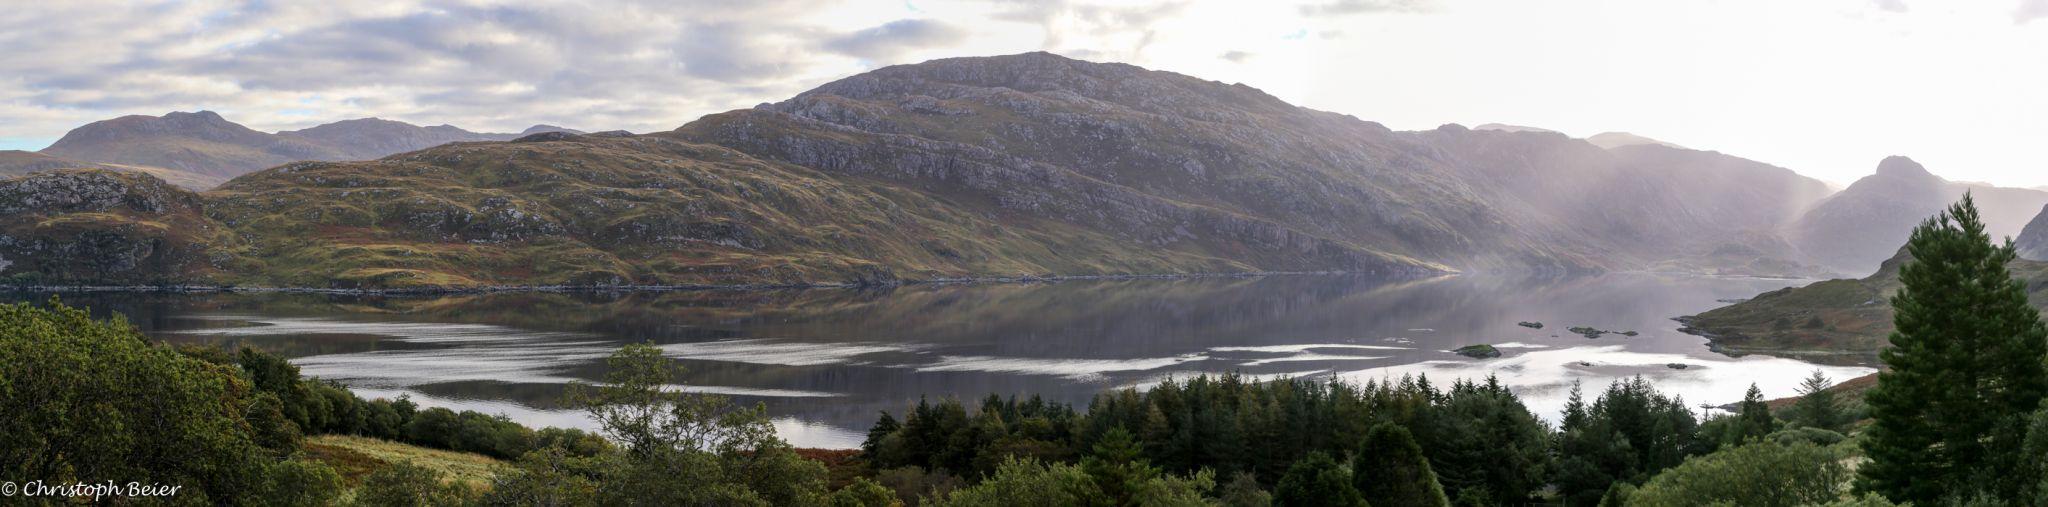 Loch Gleann Dubh, United Kingdom